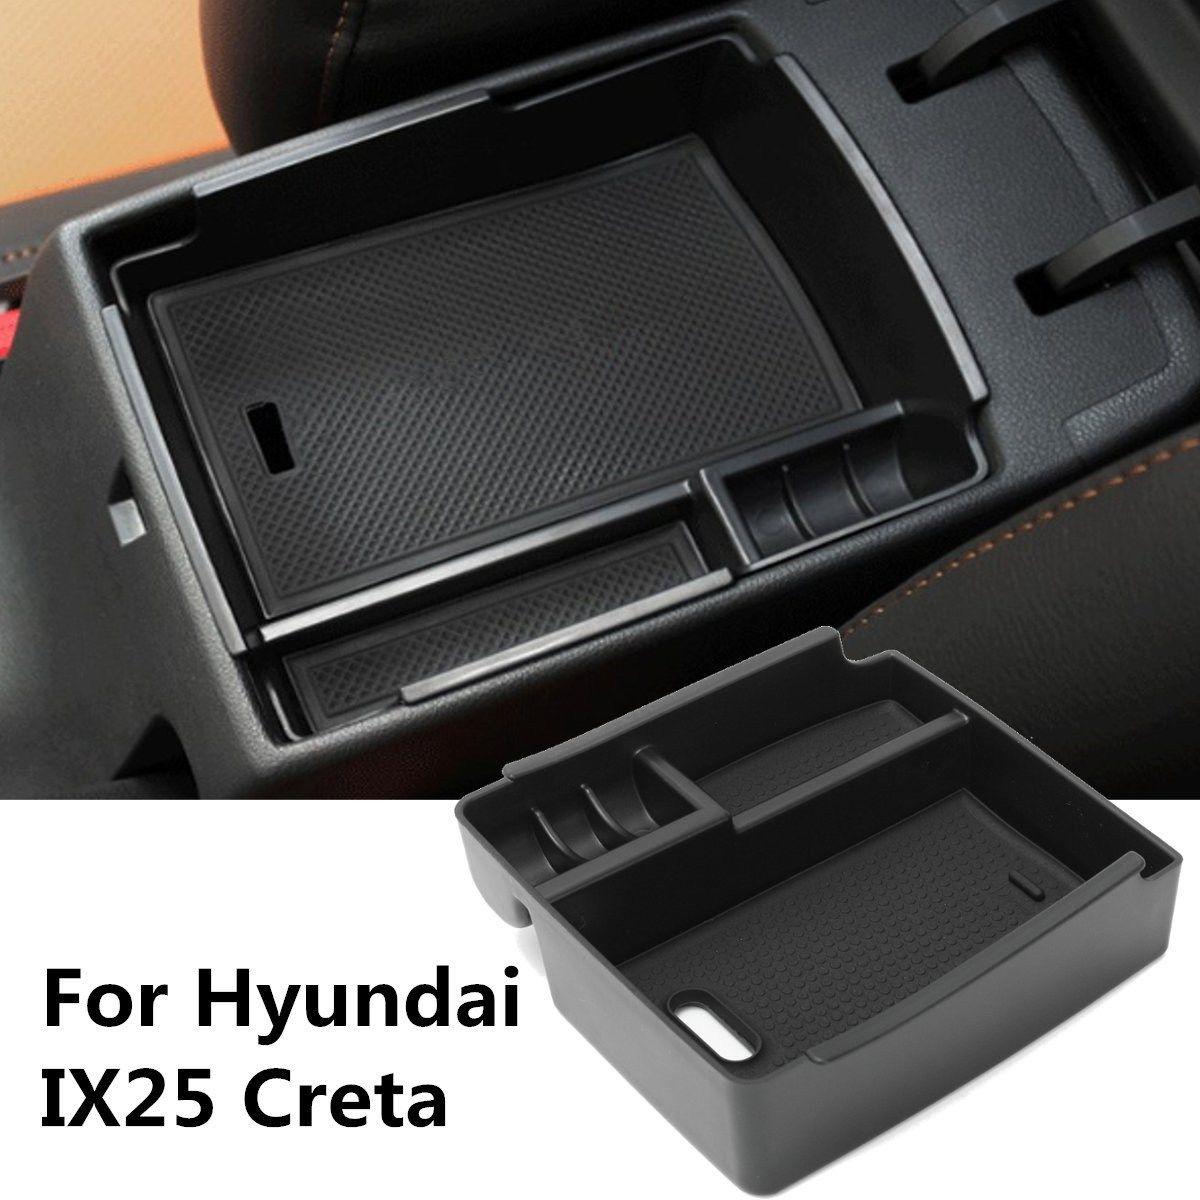 Черный автомобиль центральной консоли подлокотник коробка для хранения чашки телефон лоток для Hyundai ix25 creta 2015 2016